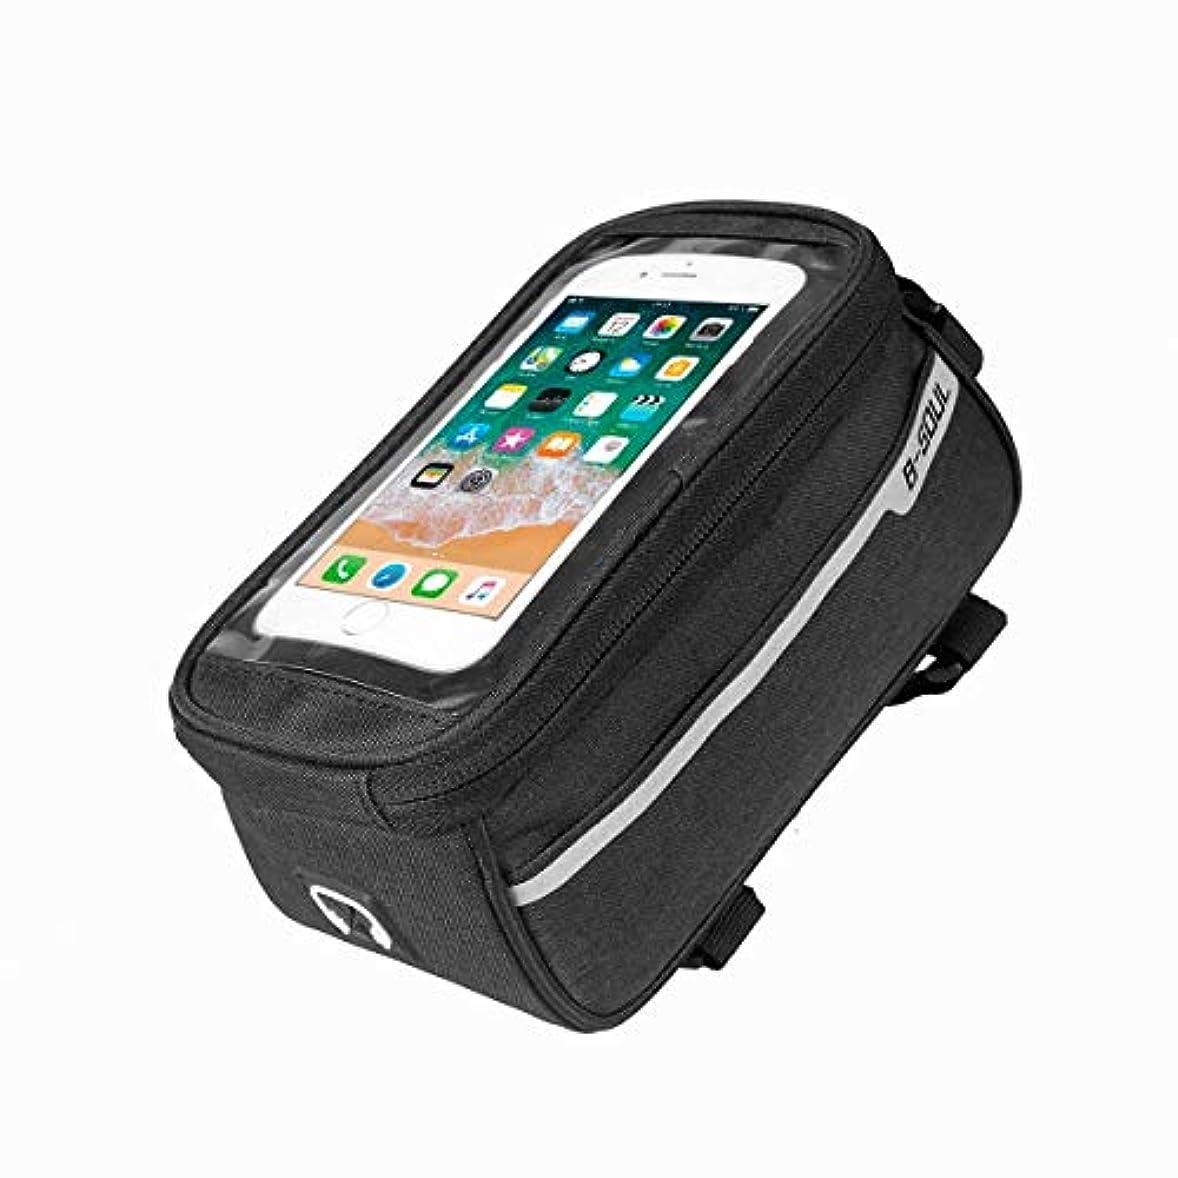 スリップシューズタックル緩めるバイクフレーム収納バッグ、CUGLB 6.0インチ以下の携帯電話に適した、防水高感度タッチスクリーンサイクリングフロントチューブハンドルバーバッグ